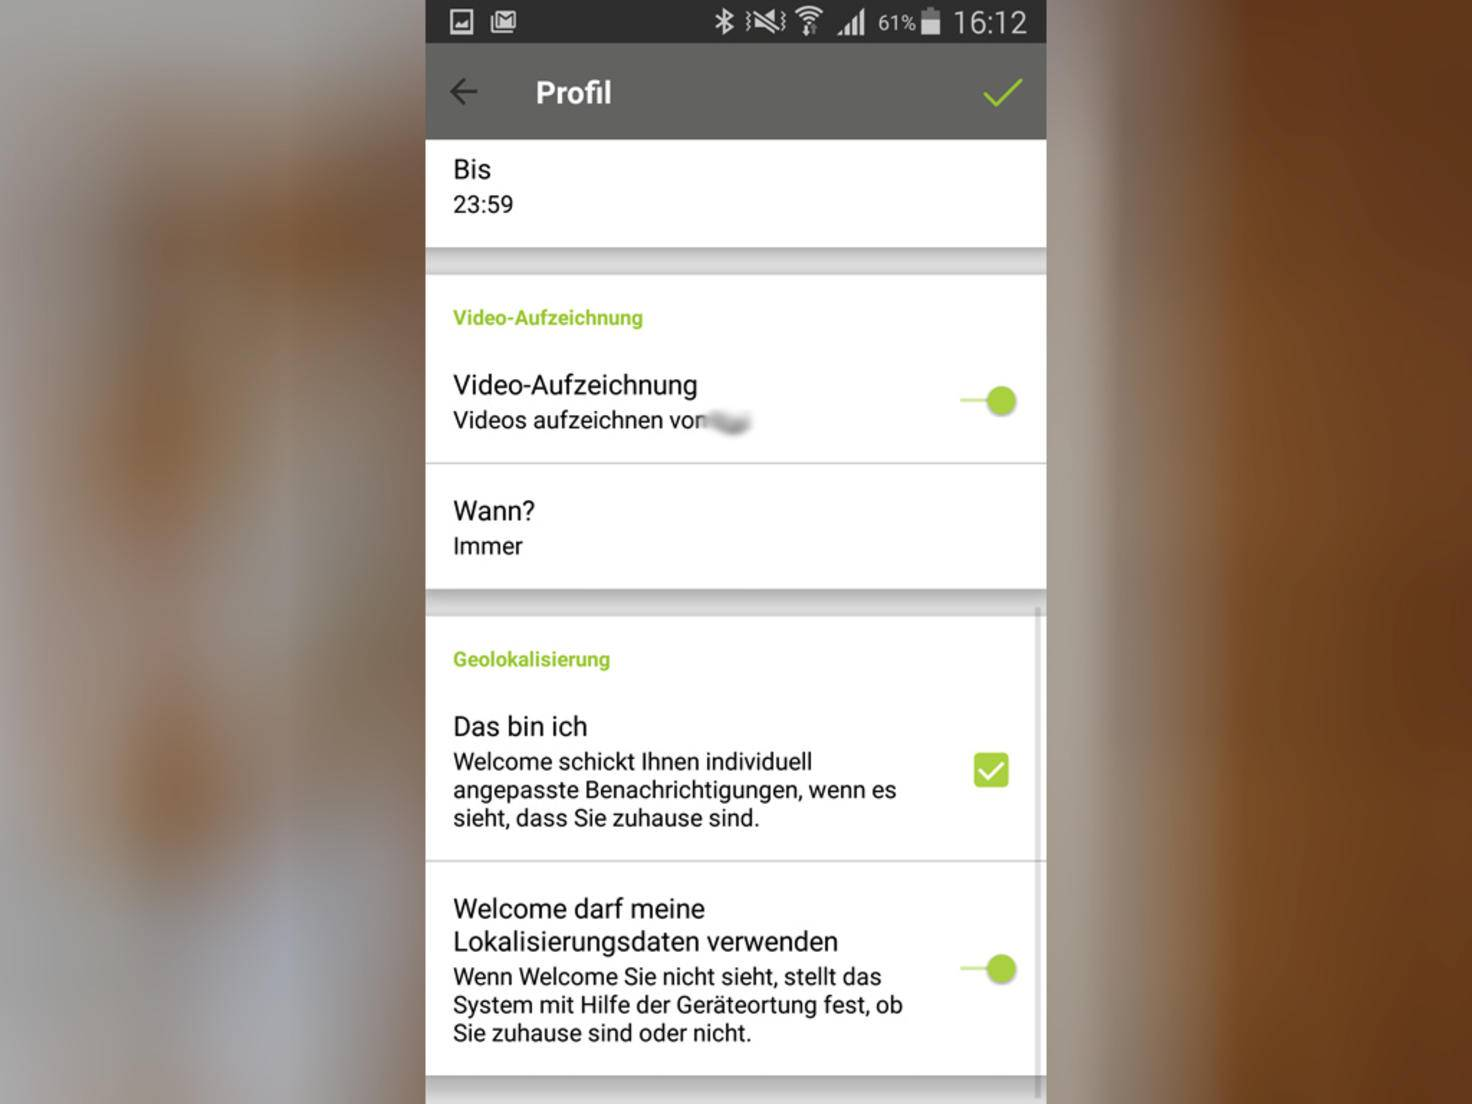 Ob das Gerät für ein Profil Videos aufzeichnet, lässt sich festlegen.